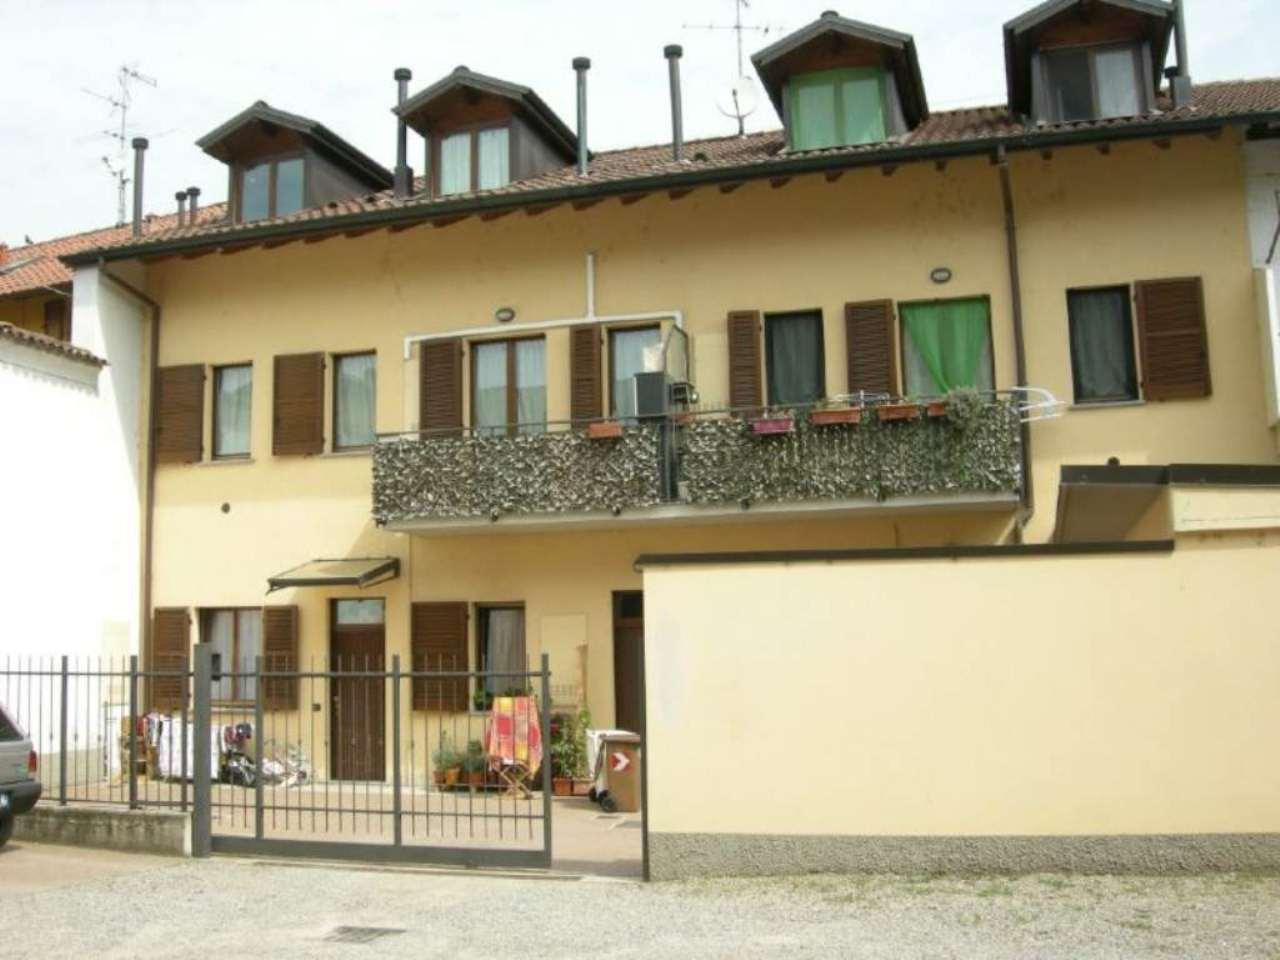 Appartamento in vendita a Gessate, 2 locali, prezzo € 105.000 | Cambio Casa.it